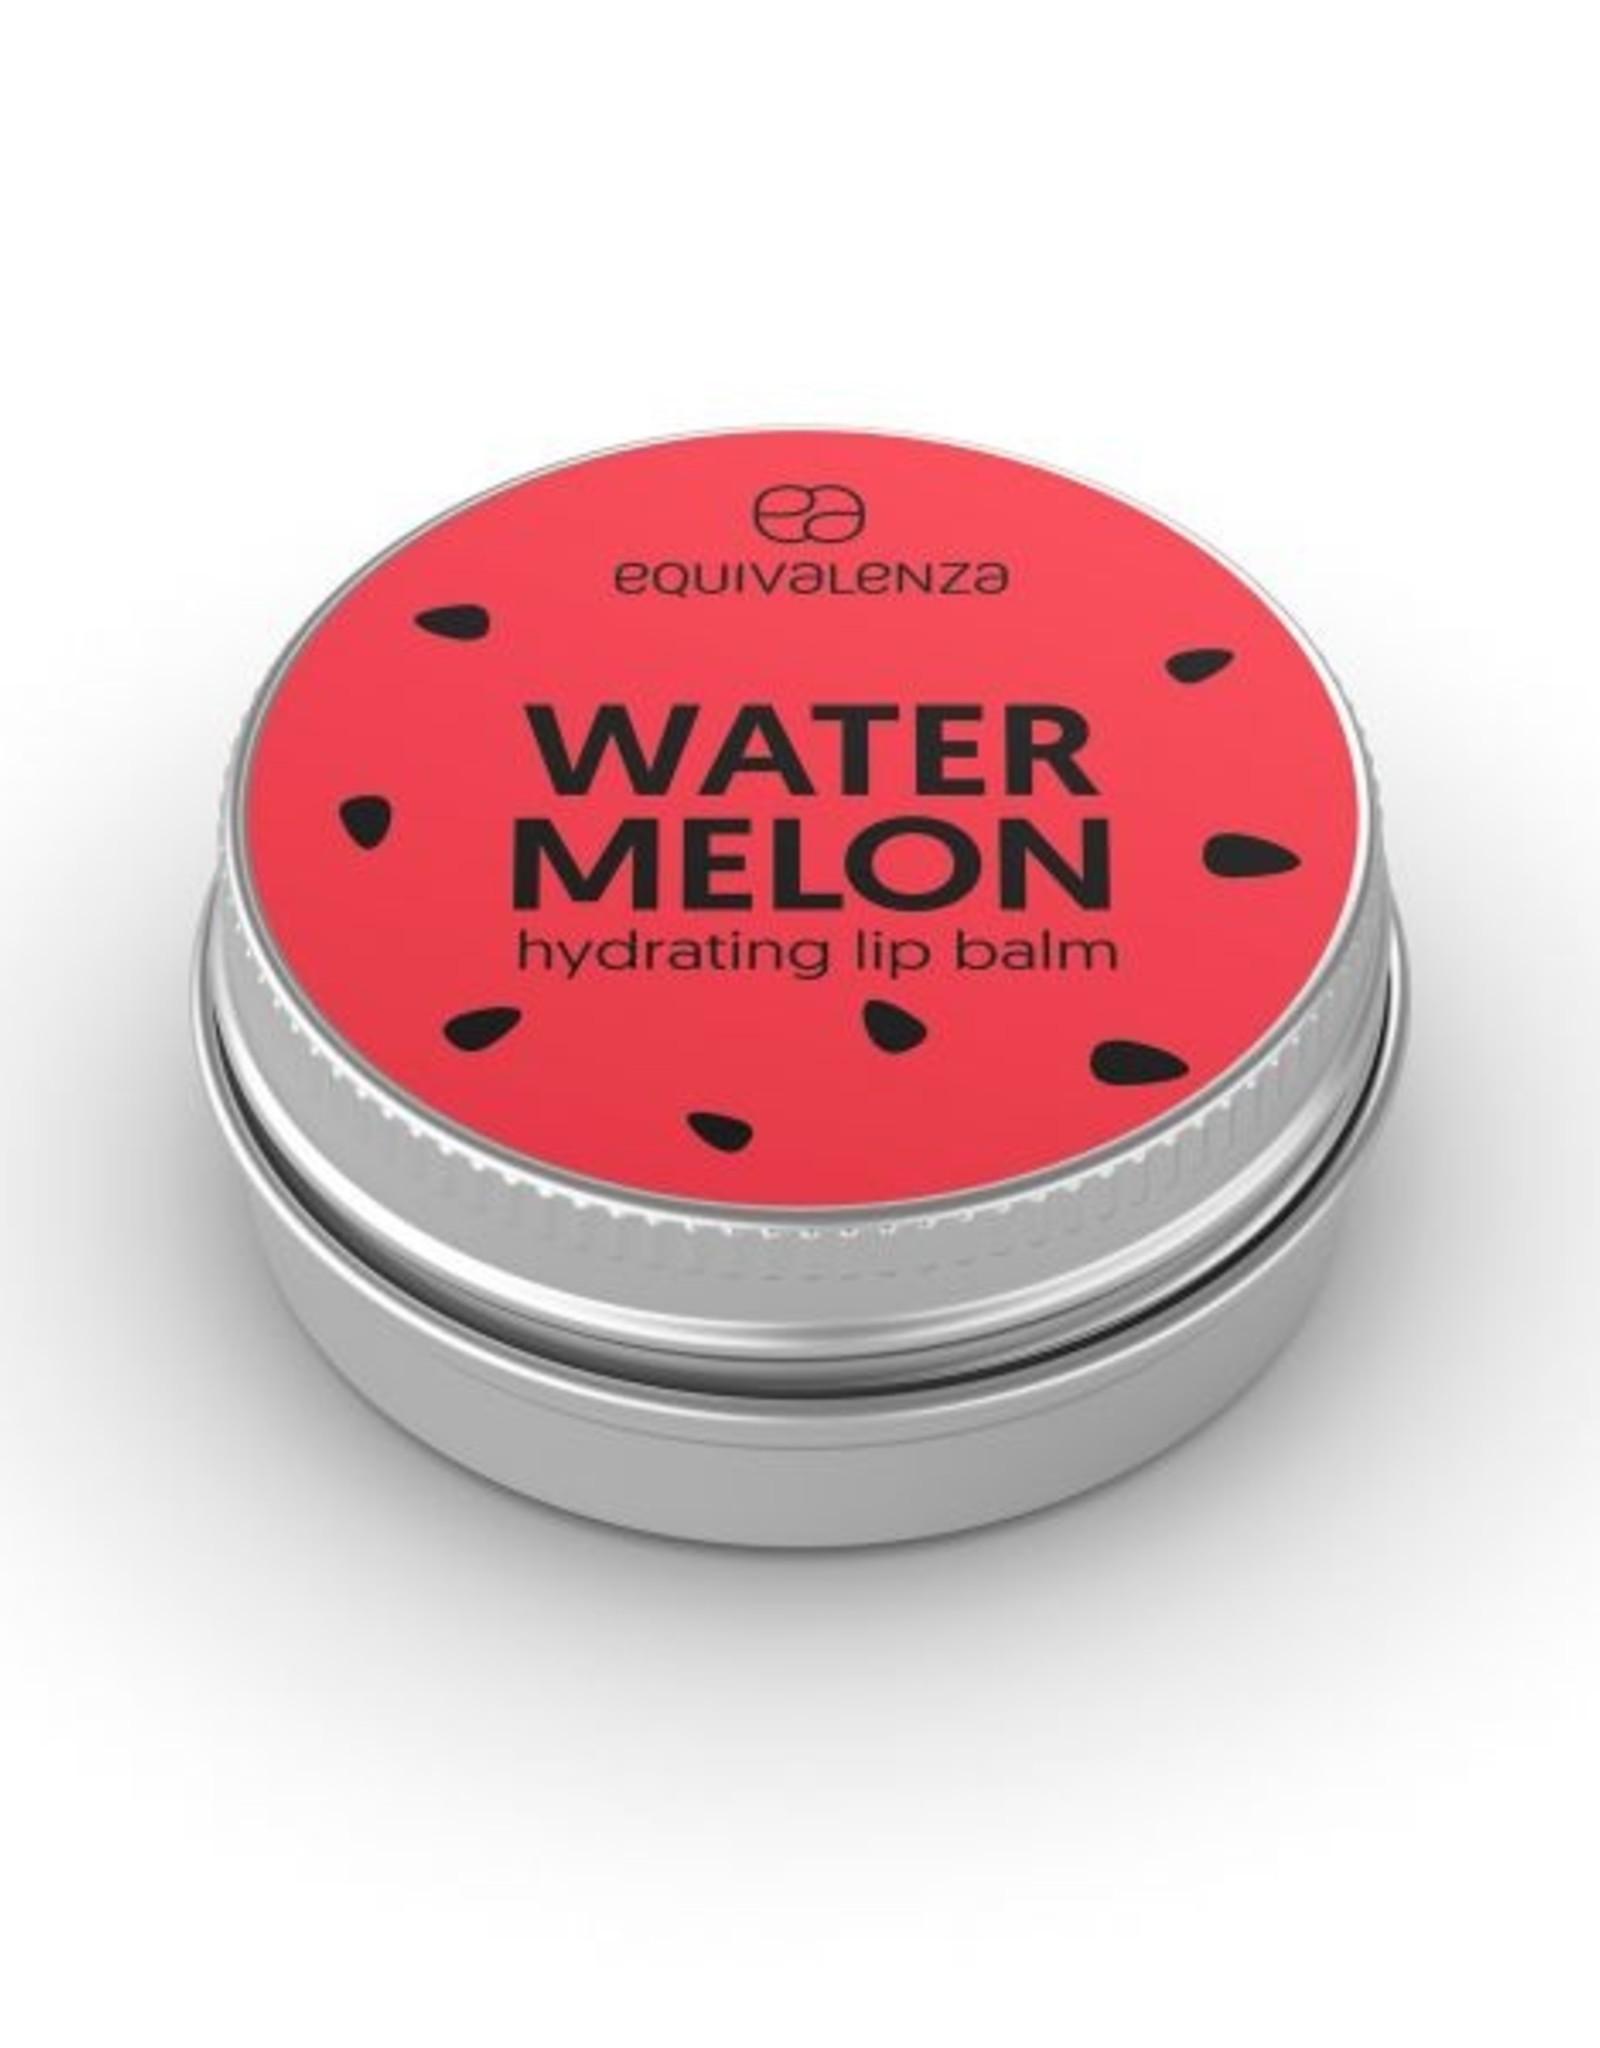 Equivalenza Watermelon Lip Balm Pot